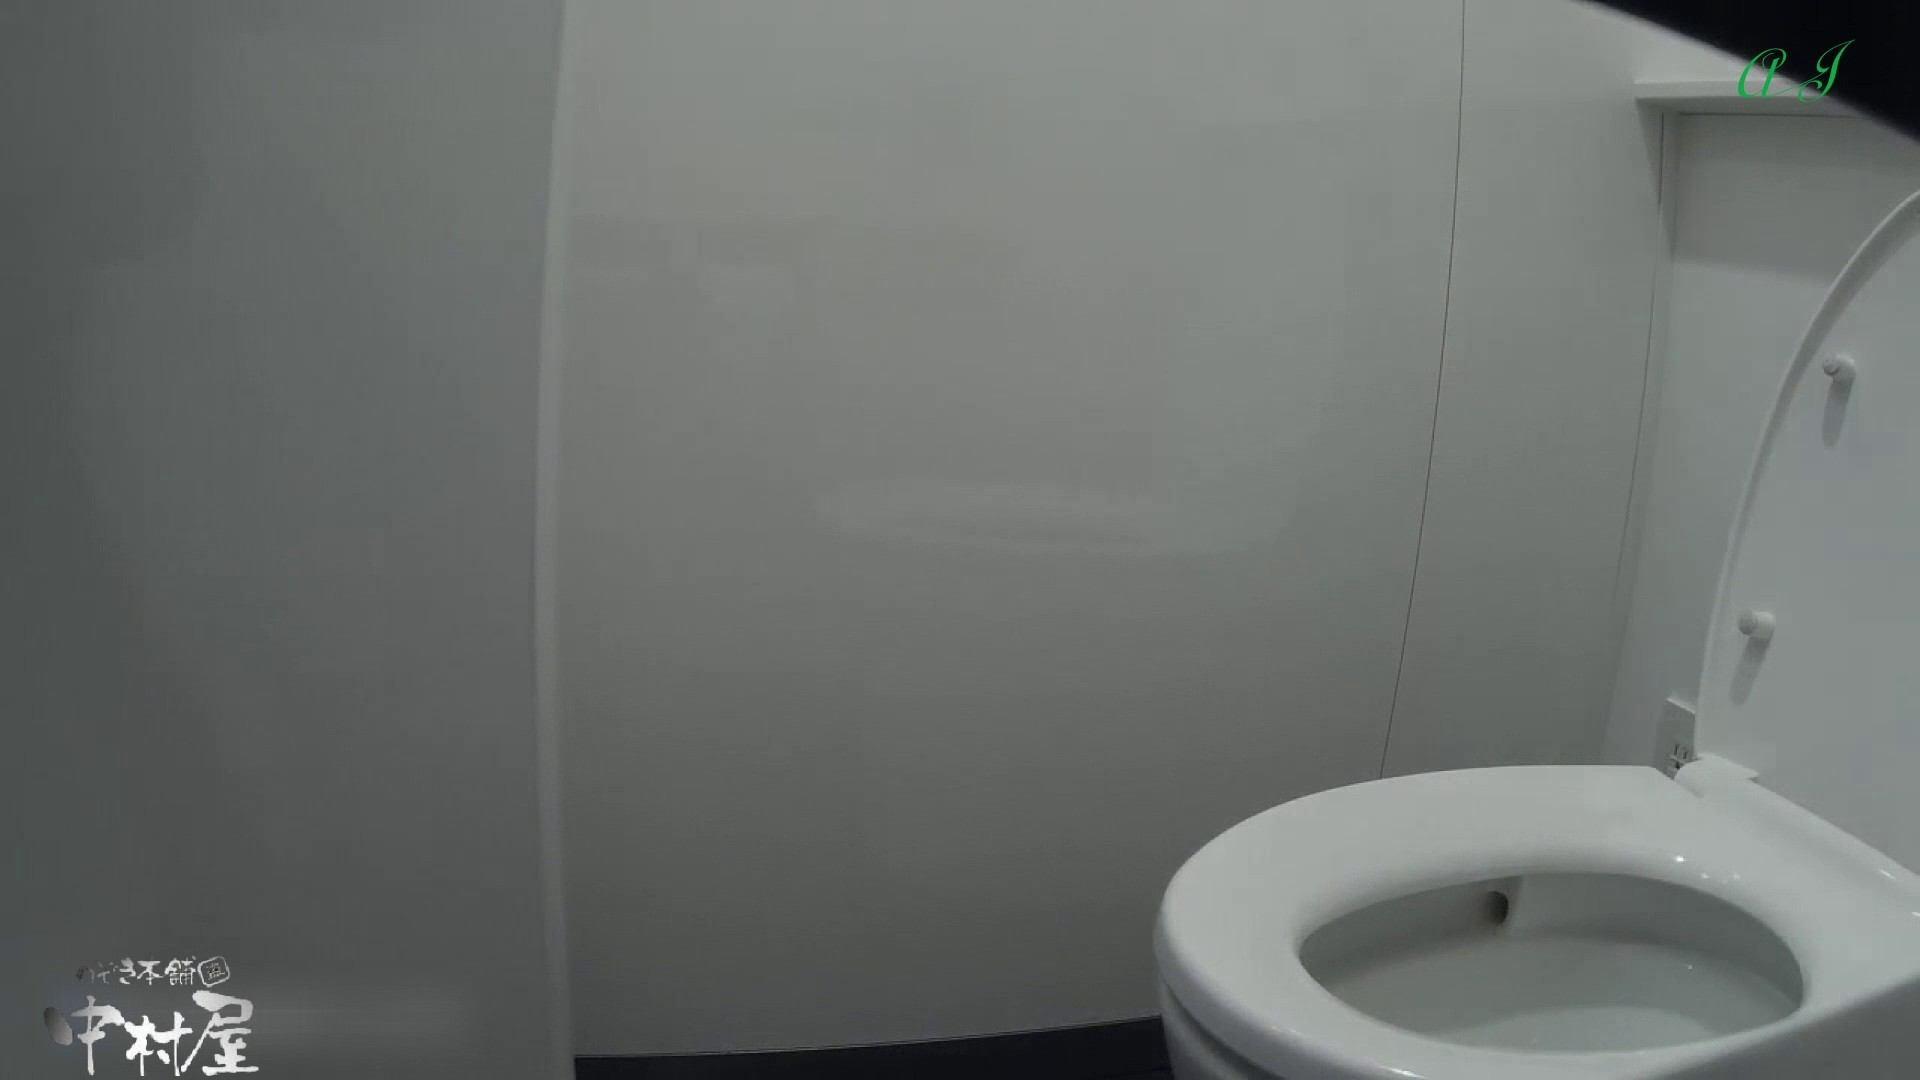 大あり美JDトイレ盗satu【有名大学女性洗面所 vol.80】 和式トイレ | 洗面所突入  81pic 26